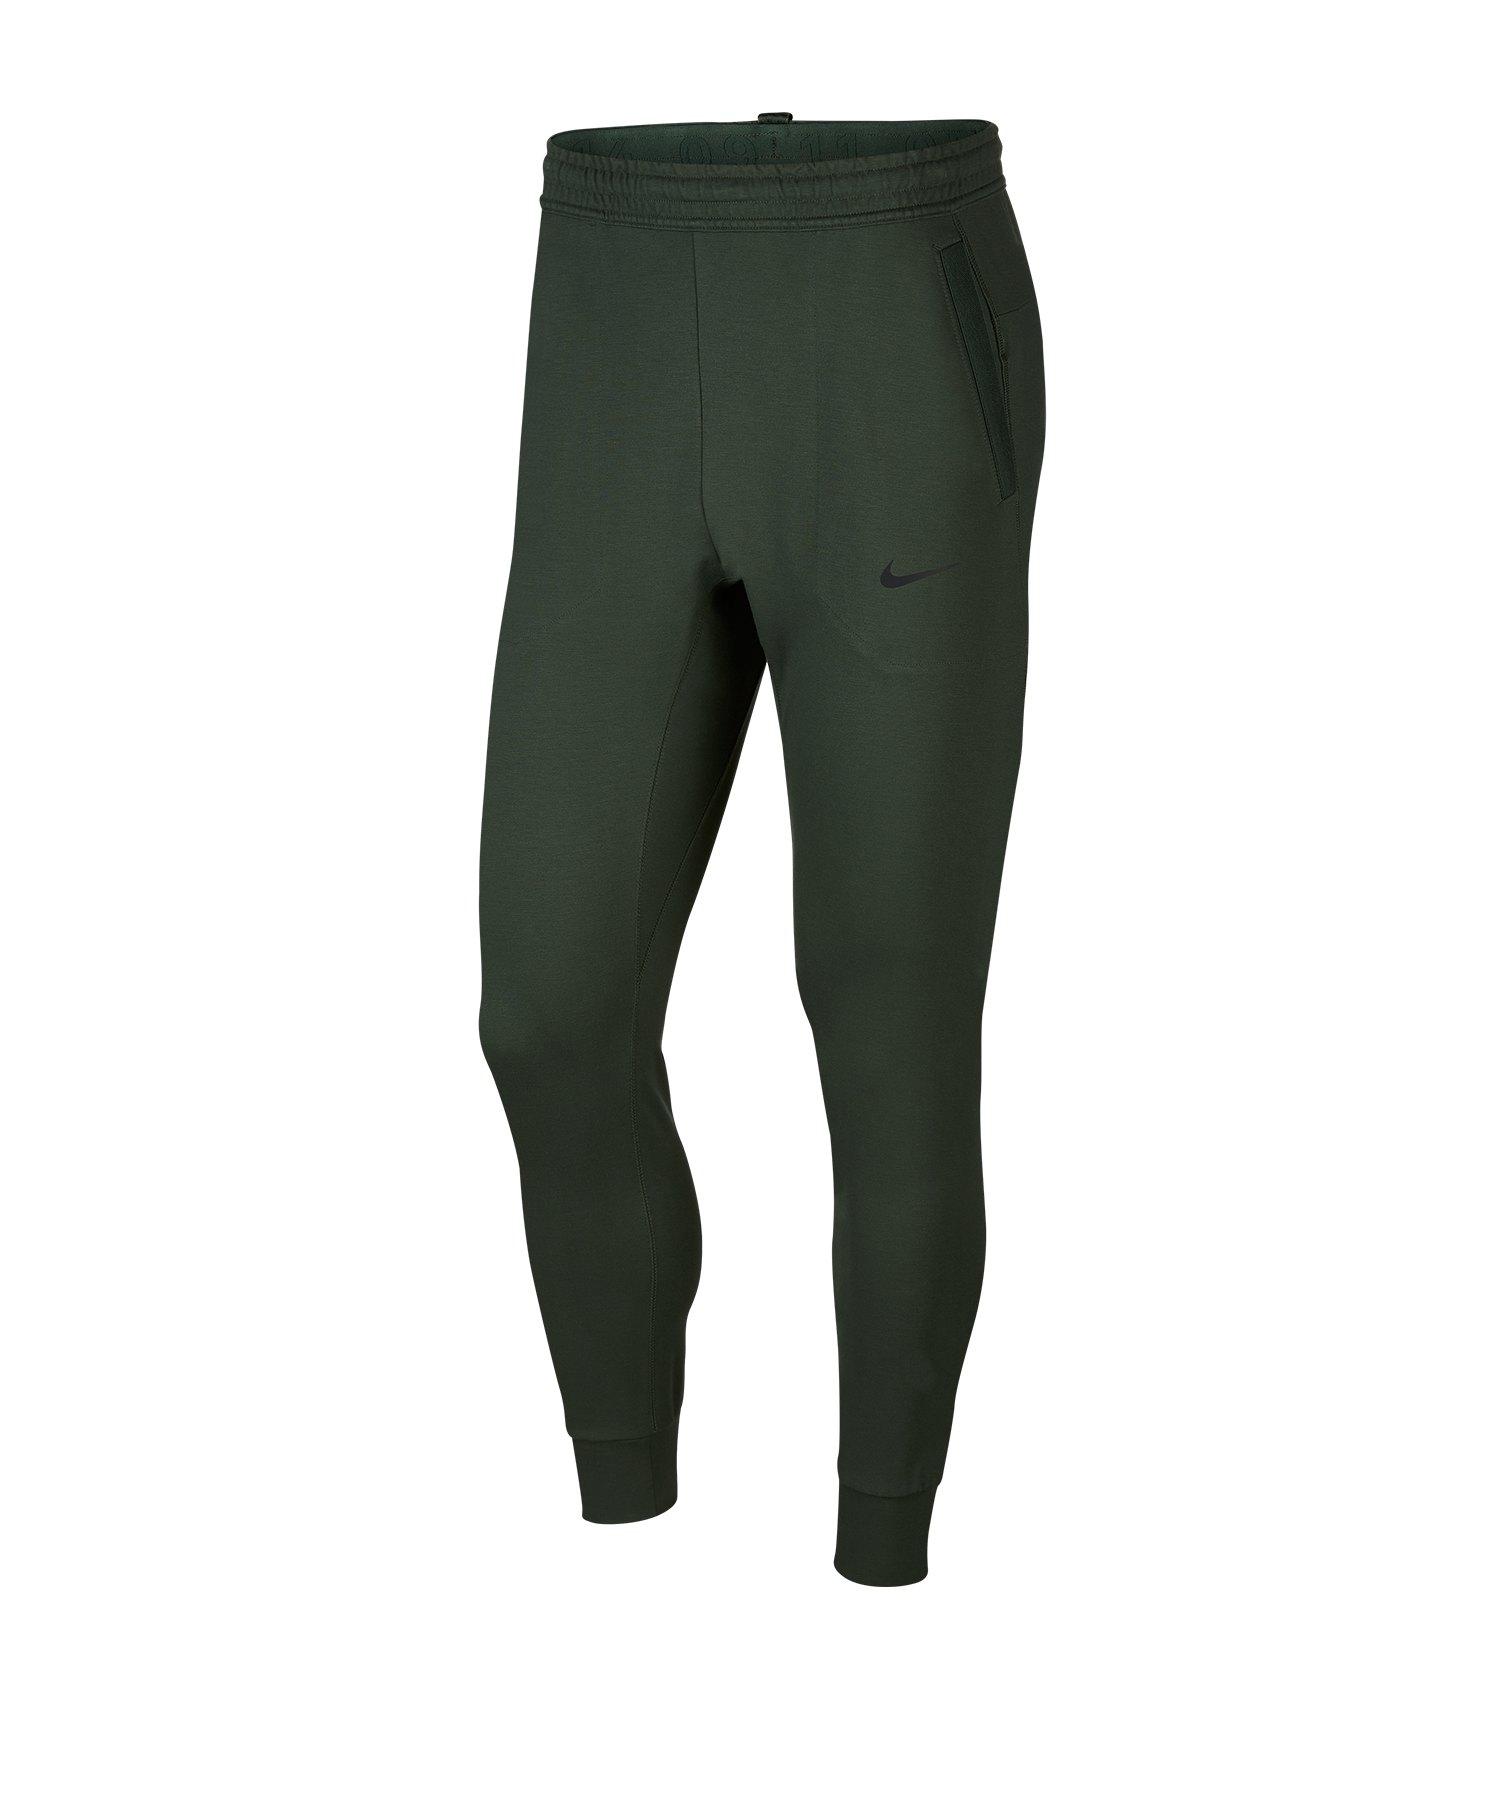 Nike Tech Knit Pant Jogginghose Grün F370 - gruen